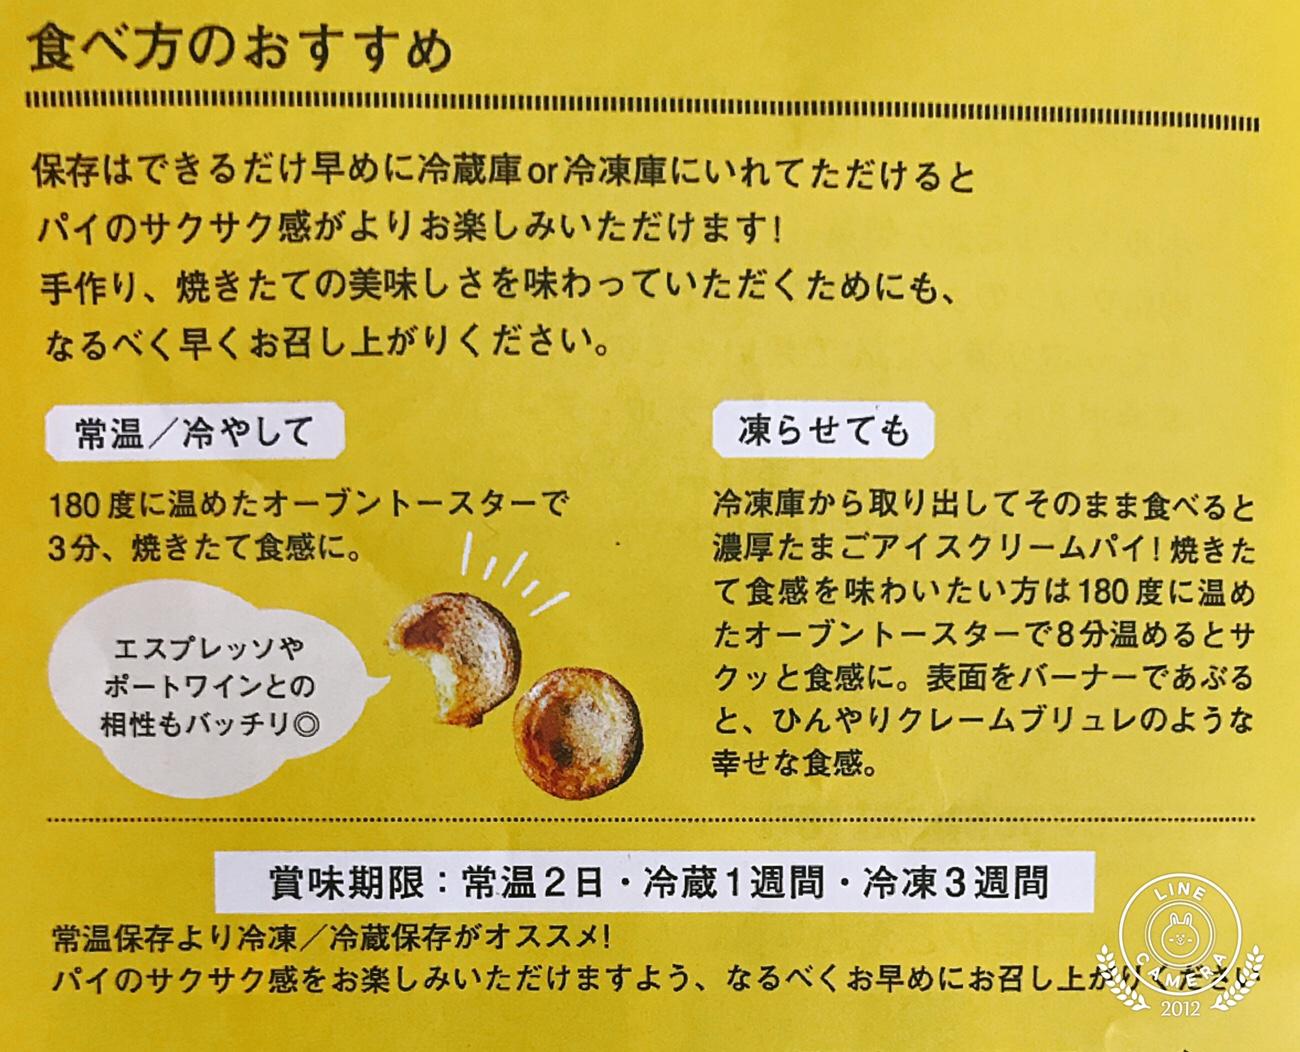 羽田空港エッグタルト 値段と日持ち賞味期限